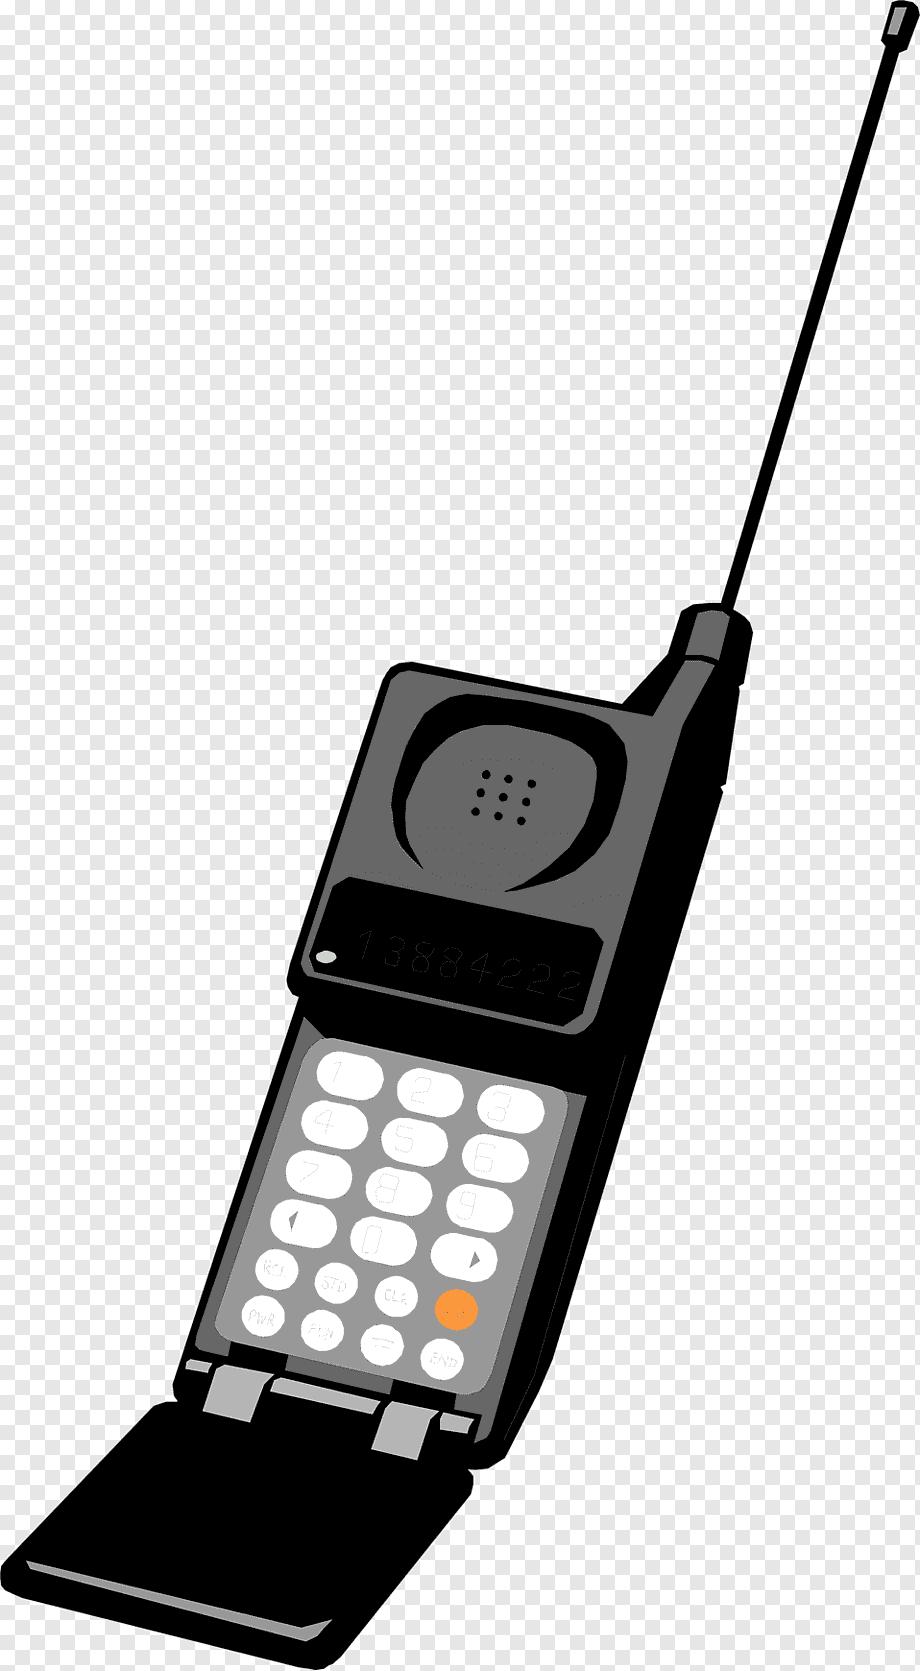 Macam Macam Telepon : macam, telepon, Telepon, Seluler, Menggambar,, Telepon,, Bermacam-macam,, Gadget,, Fotografi, PNGWing